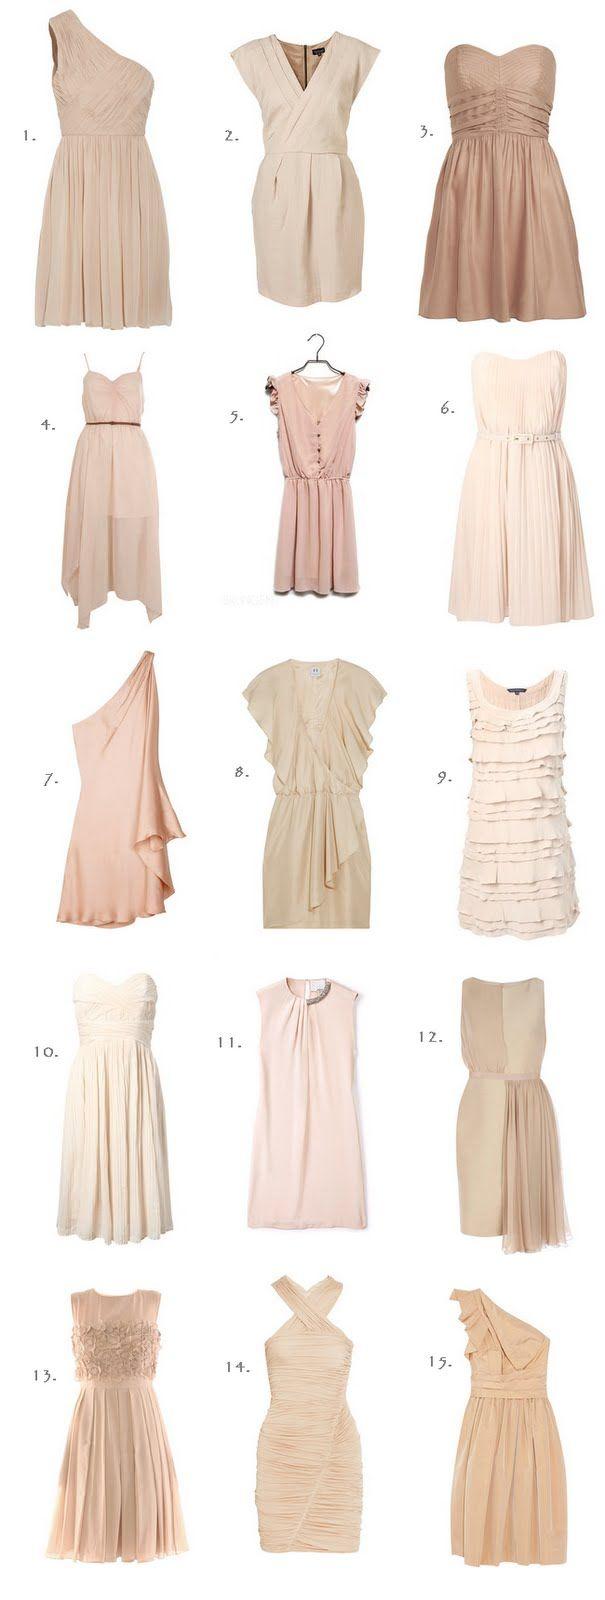 Blush Colored Dresses Mismatched Bridesmaid Dresses Vera Wang Bridesmaid Dresses Blush Bridesmaid Dresses